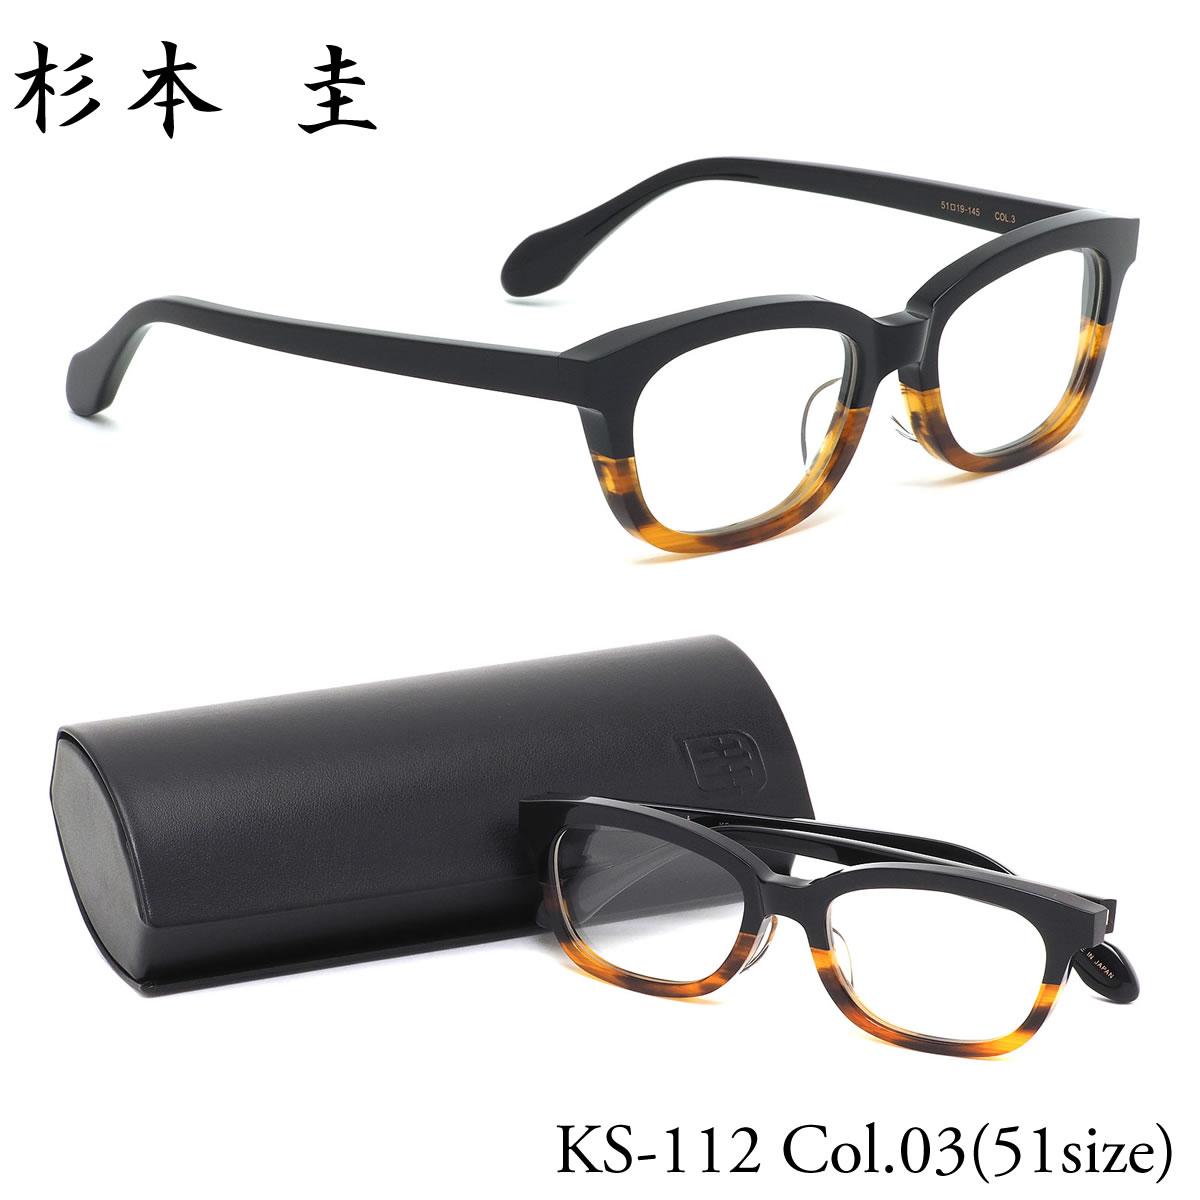 ほぼ全品ポイント15倍~最大43倍+3倍!お得なクーポンも! 杉本圭 スギモトケイ メガネKS-112 03 51サイズSUGIMOTO KEI ウェリントン デミ べっ甲 日本製 MADE IN JAPAN 職人技メンズ レディース